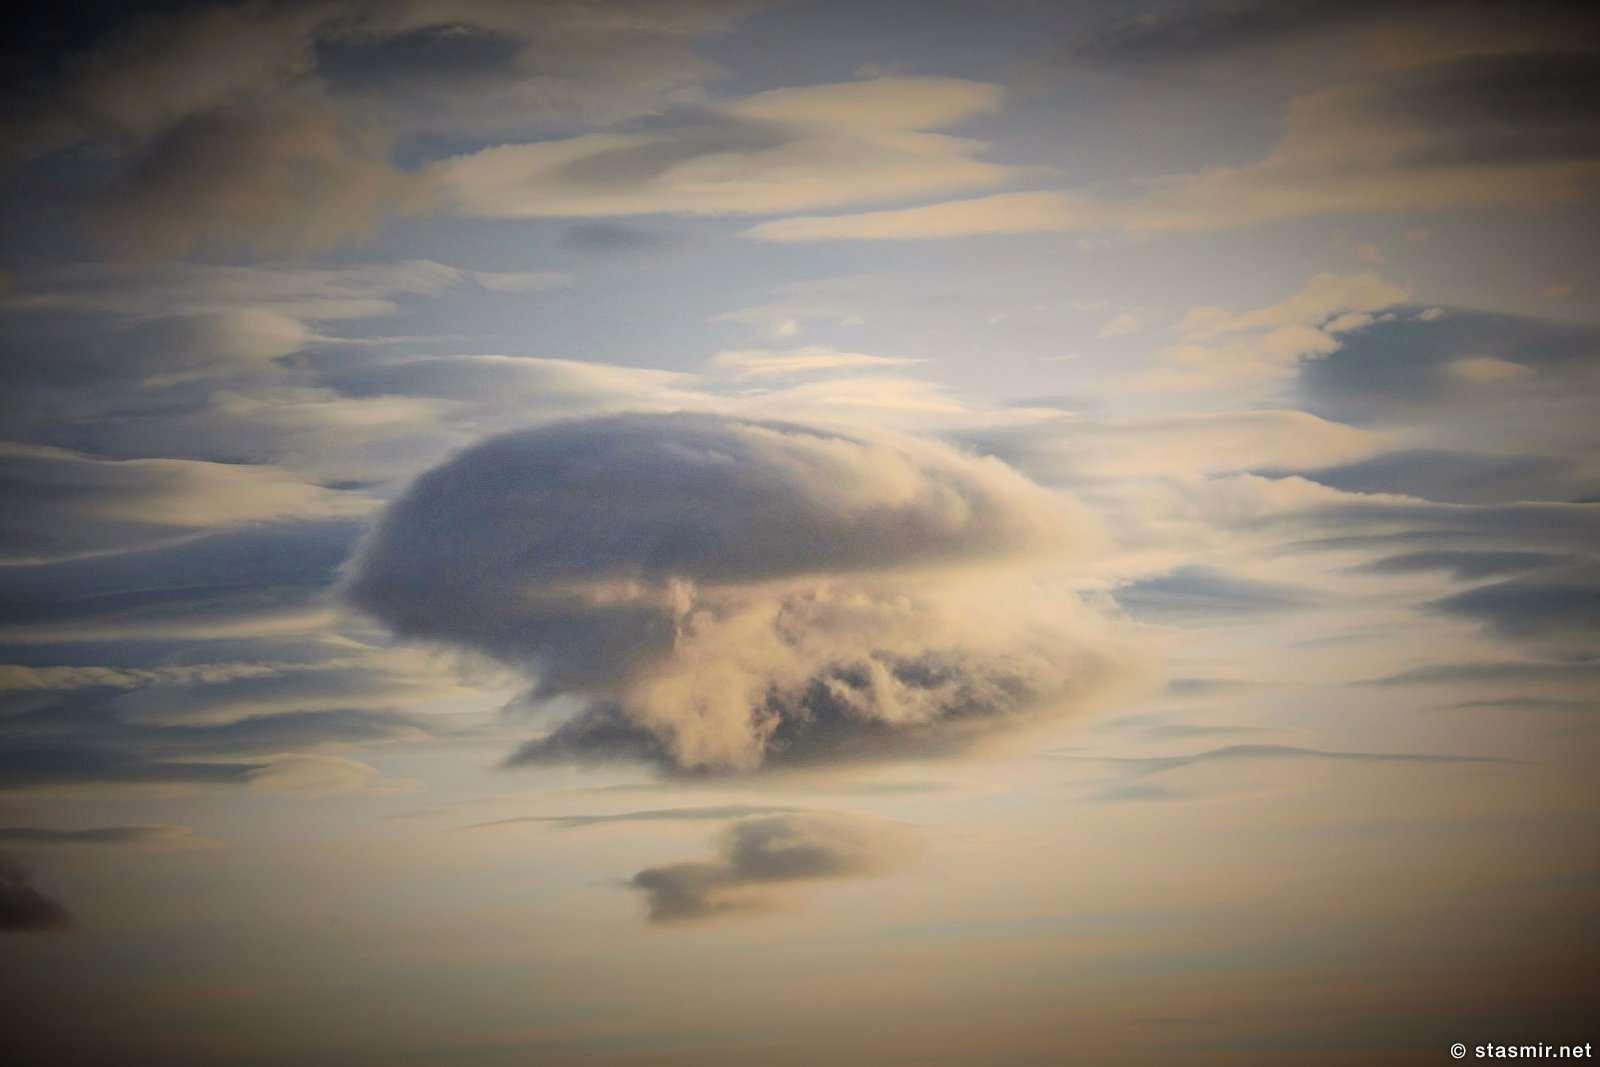 облако в форме медузы, на дороге из Хусафетль, фото Стасмир, photo Stasmir